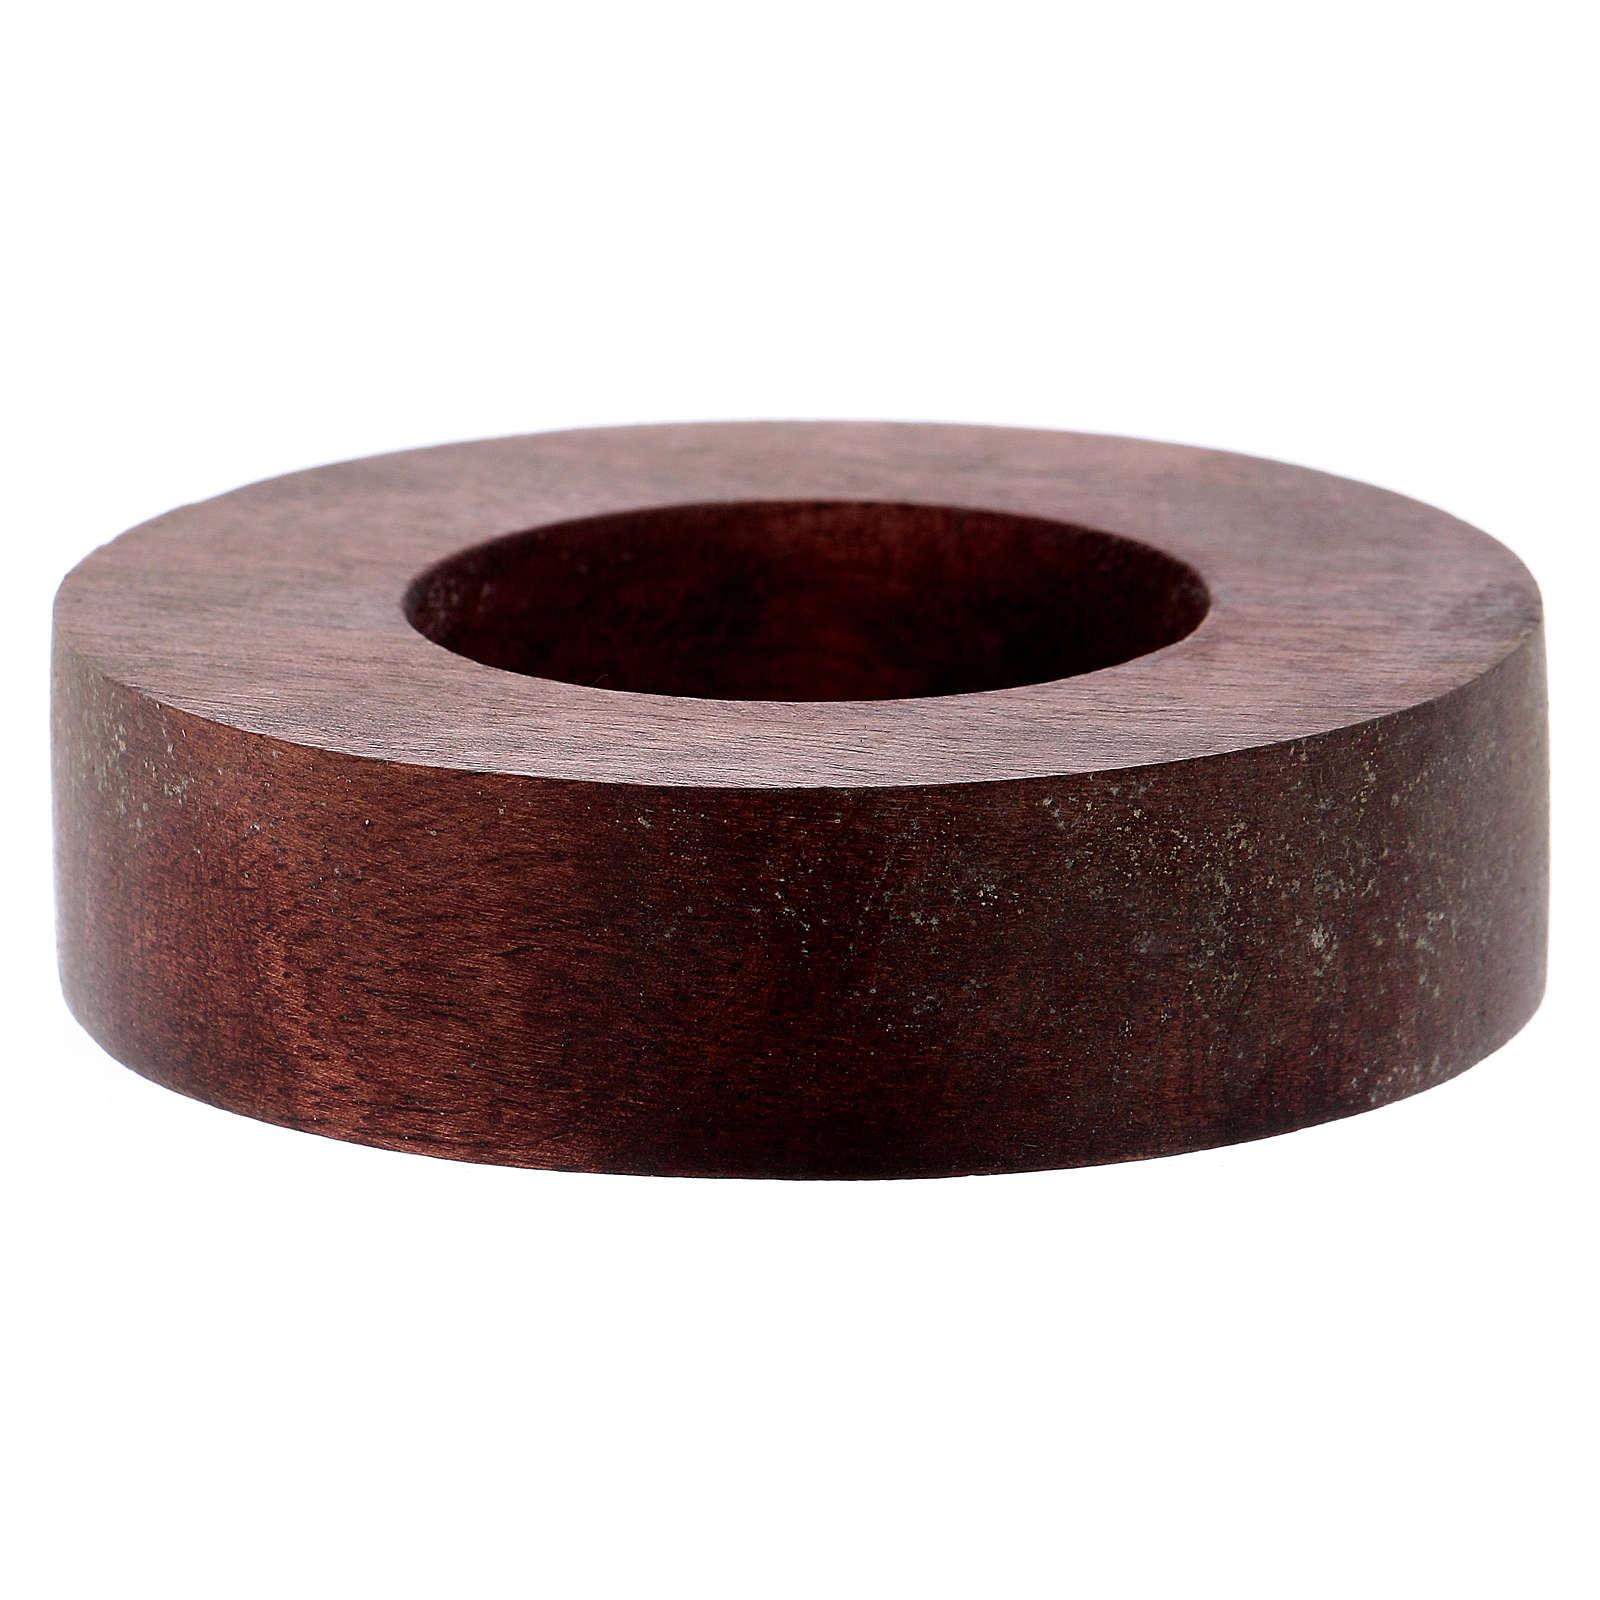 Portacandele legno con bordo rialzato  3